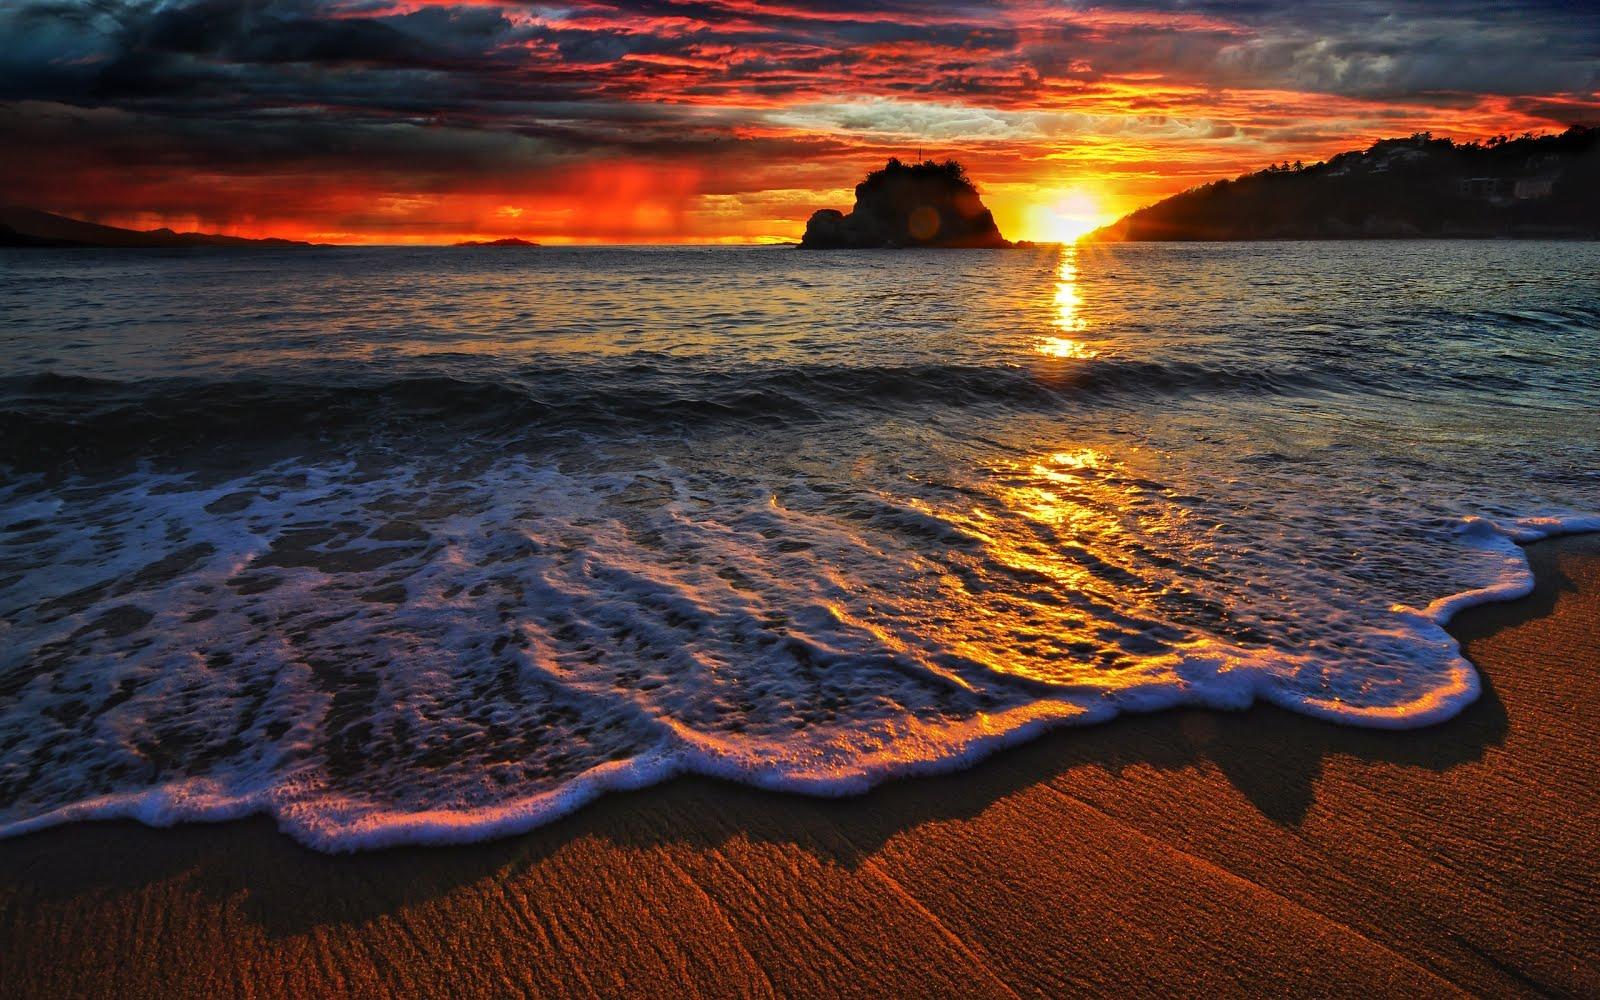 Imagenes del agua en la naturaleza imagen del mar ocultandose el sol